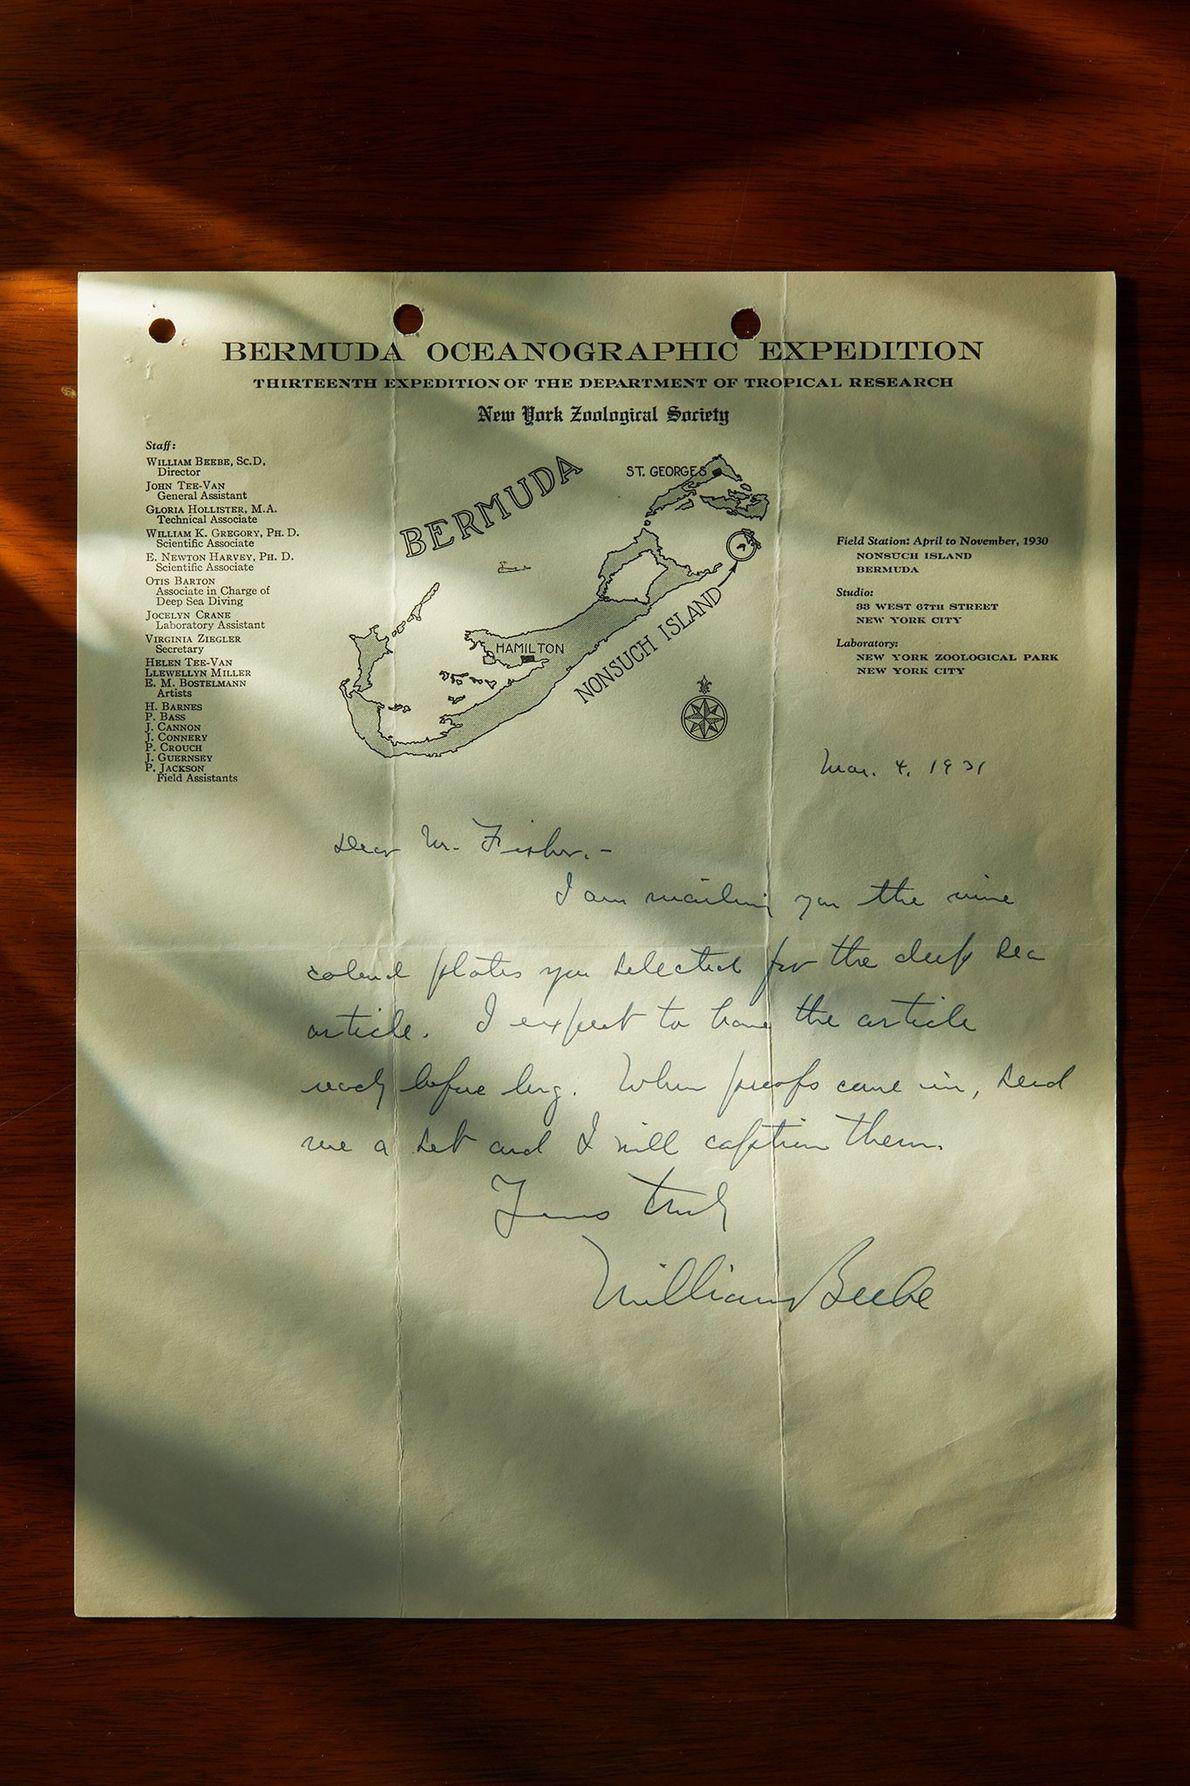 Os arquivos da National Geographic contêm cartas, rascunhos de artigos e planos da equipa de expedição ...